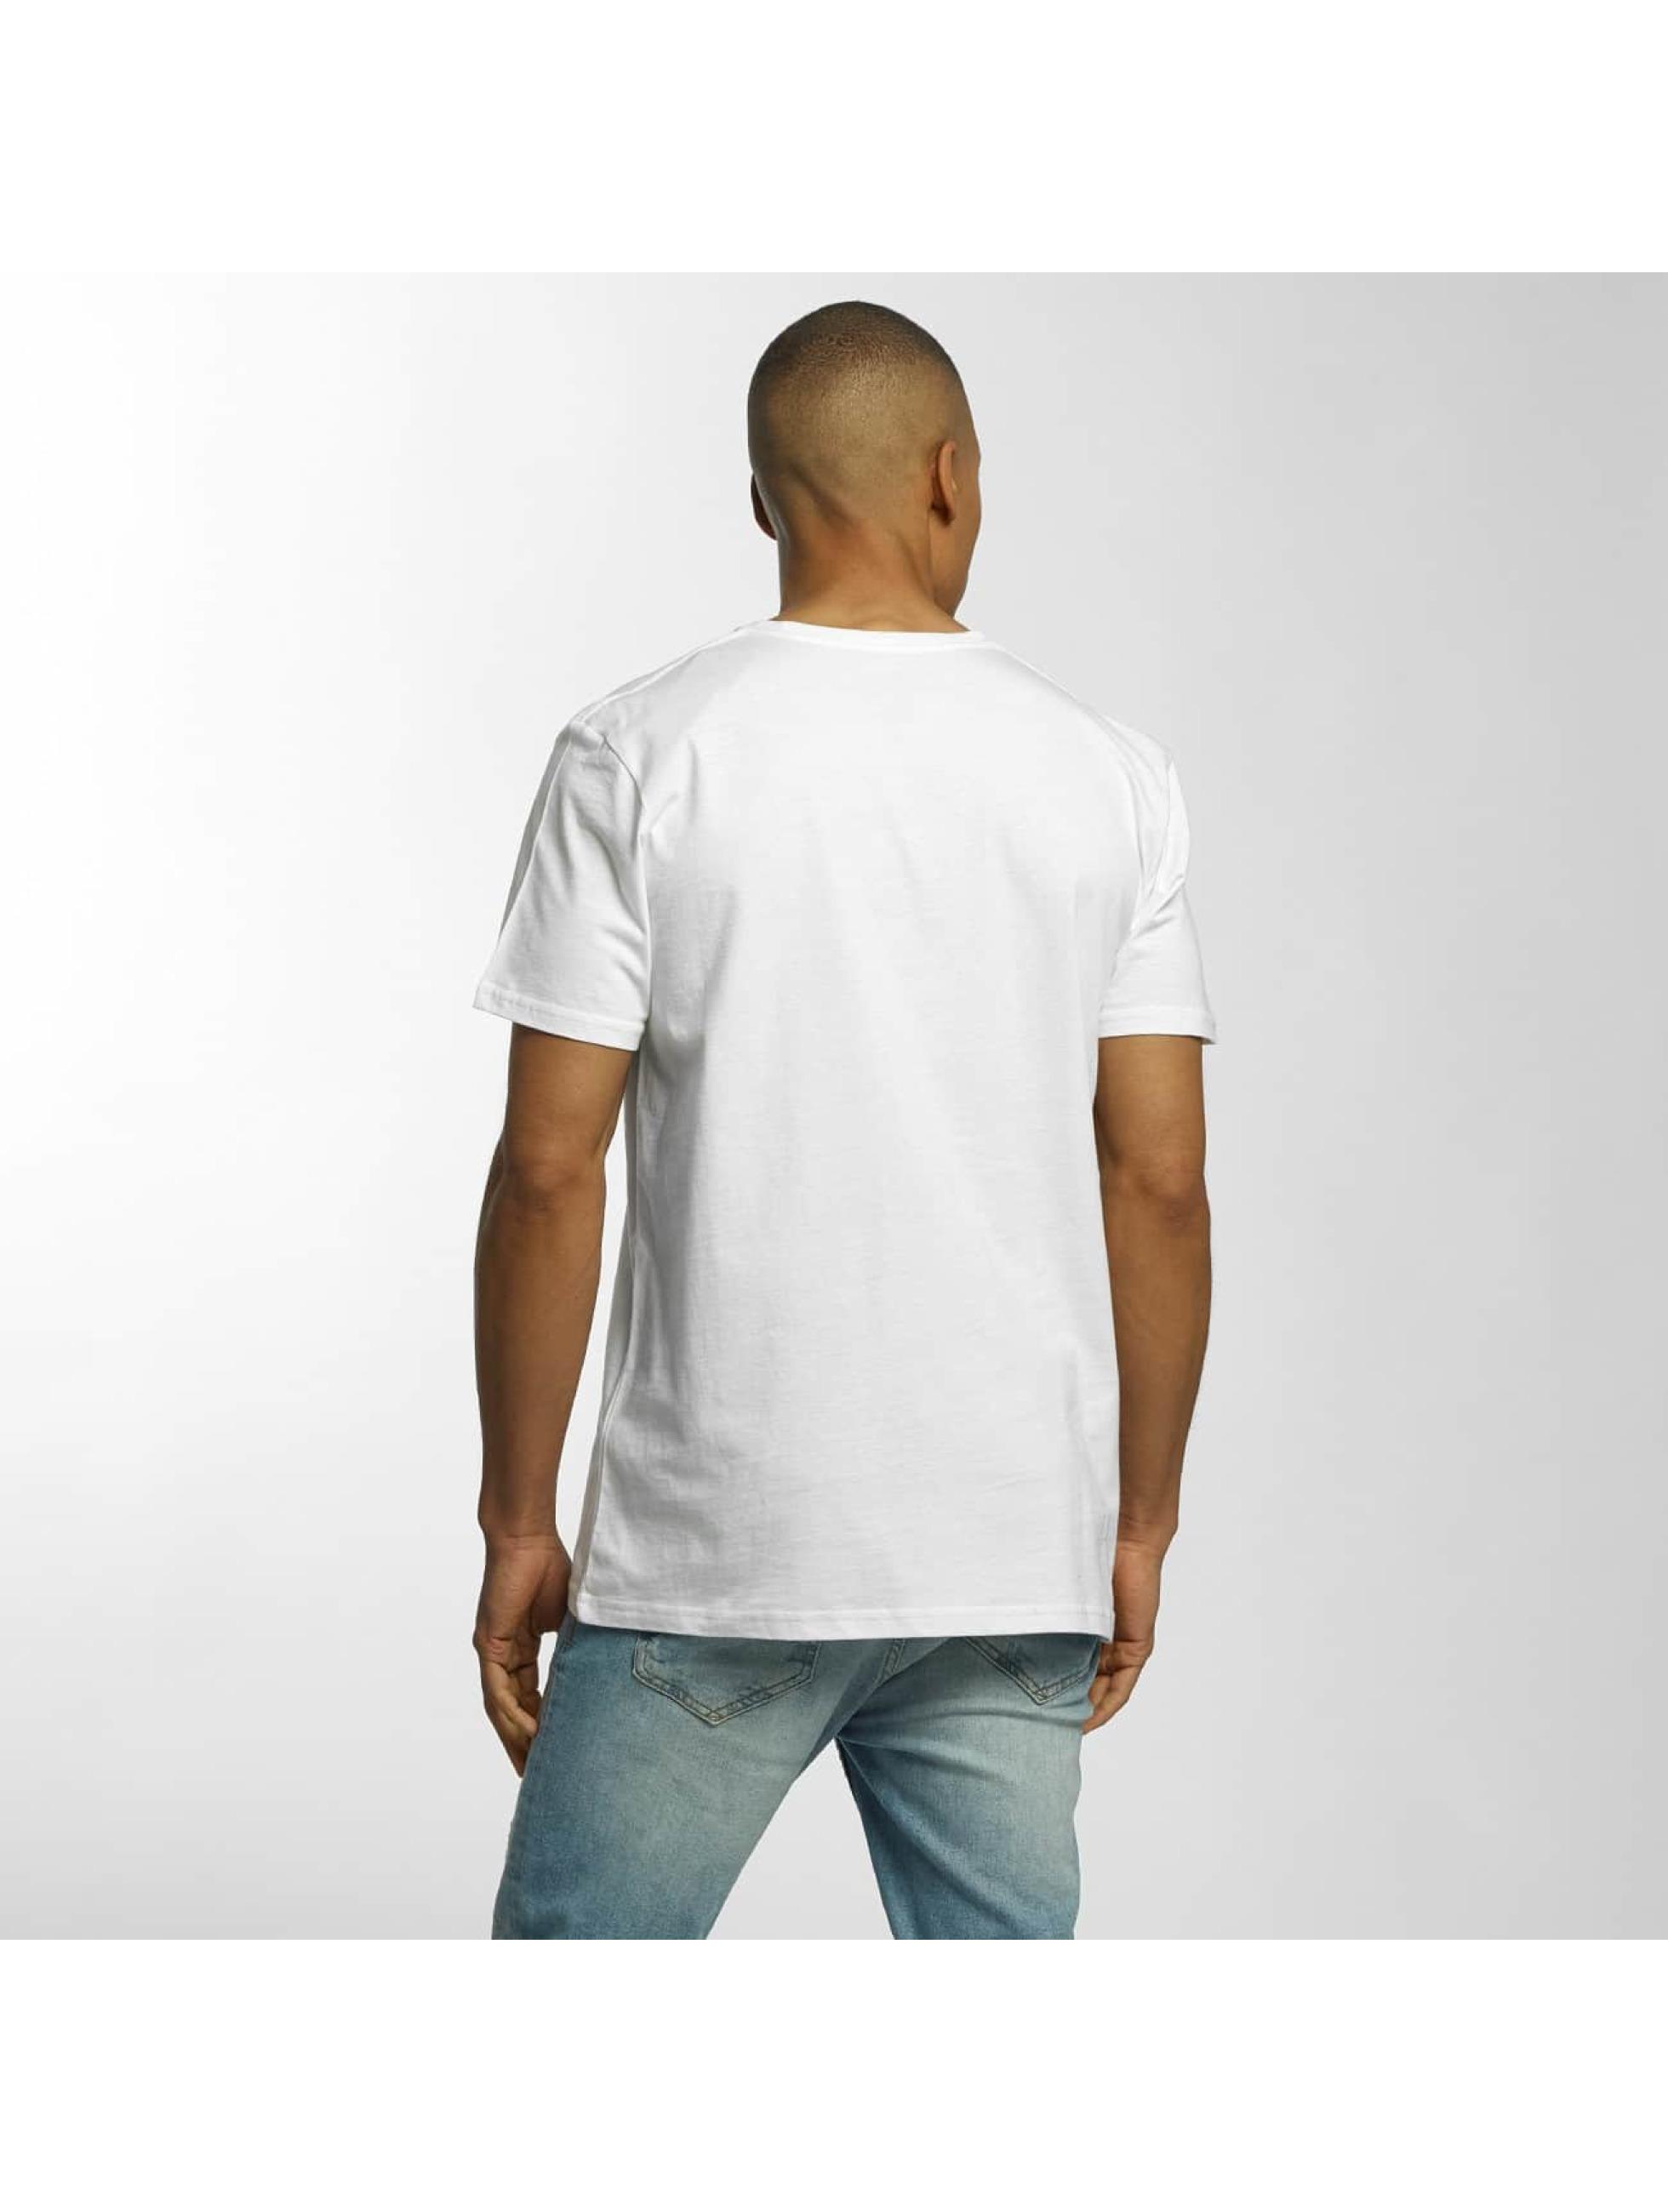 Quiksilver T-Shirt Classic Sea Tales weiß